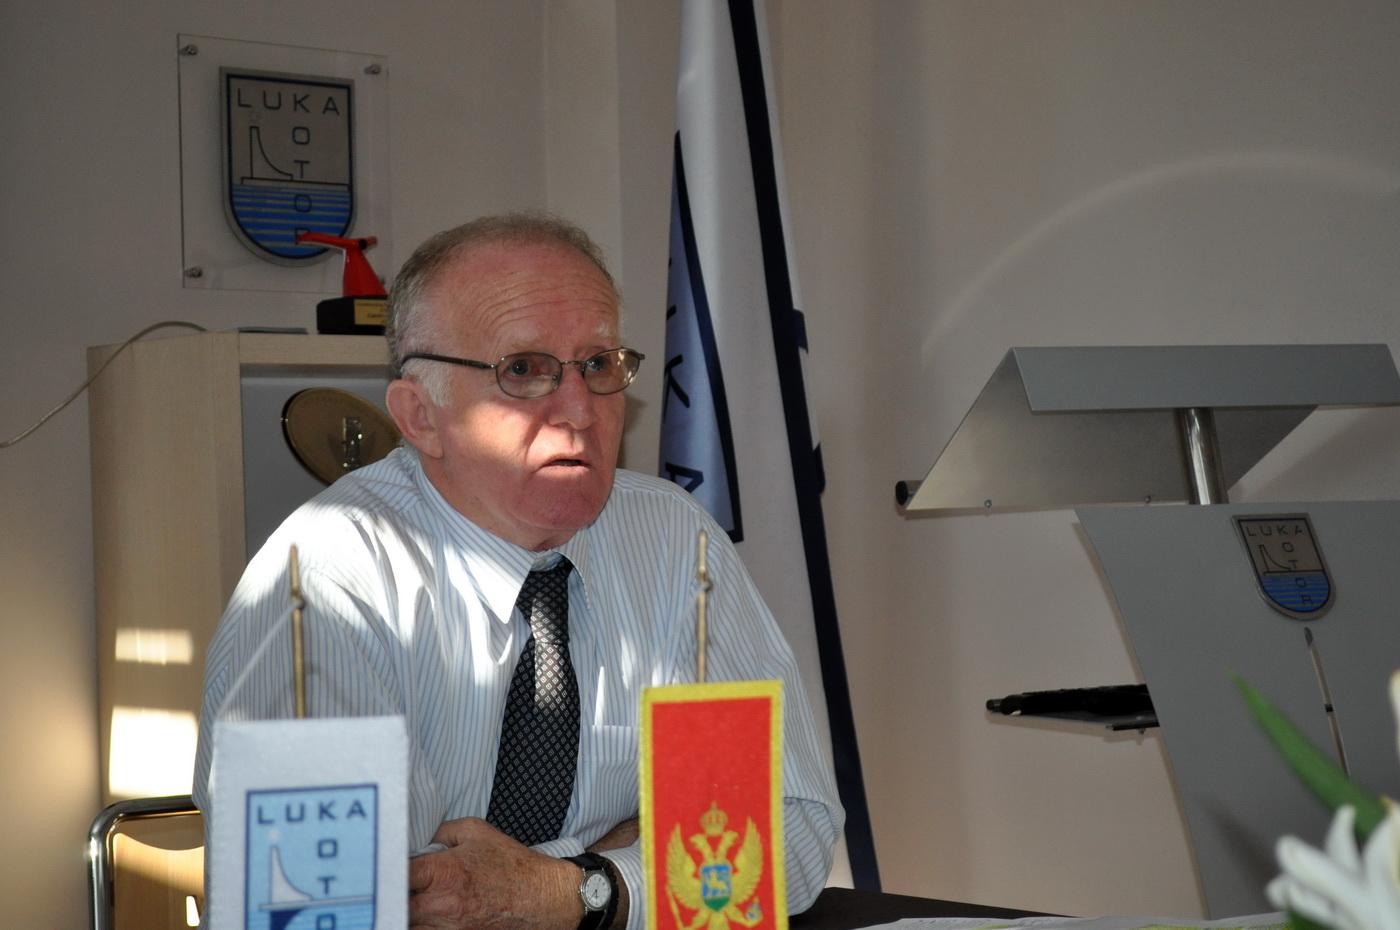 Vaasilije Kusovac